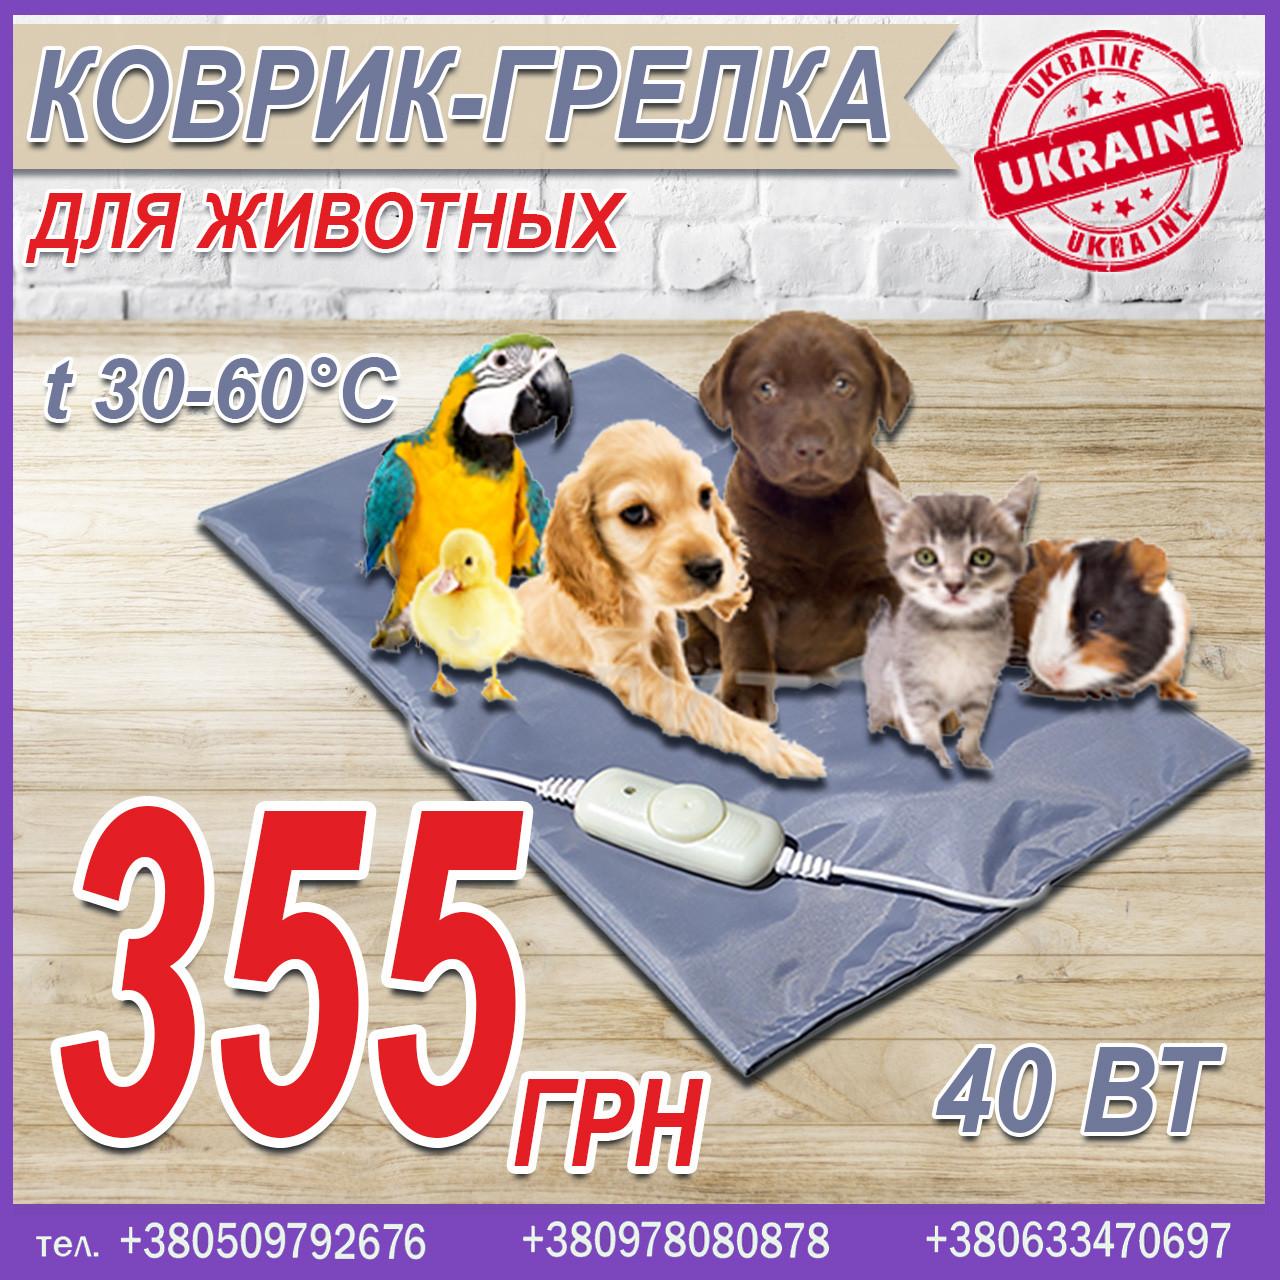 Коврик-грелка для животных